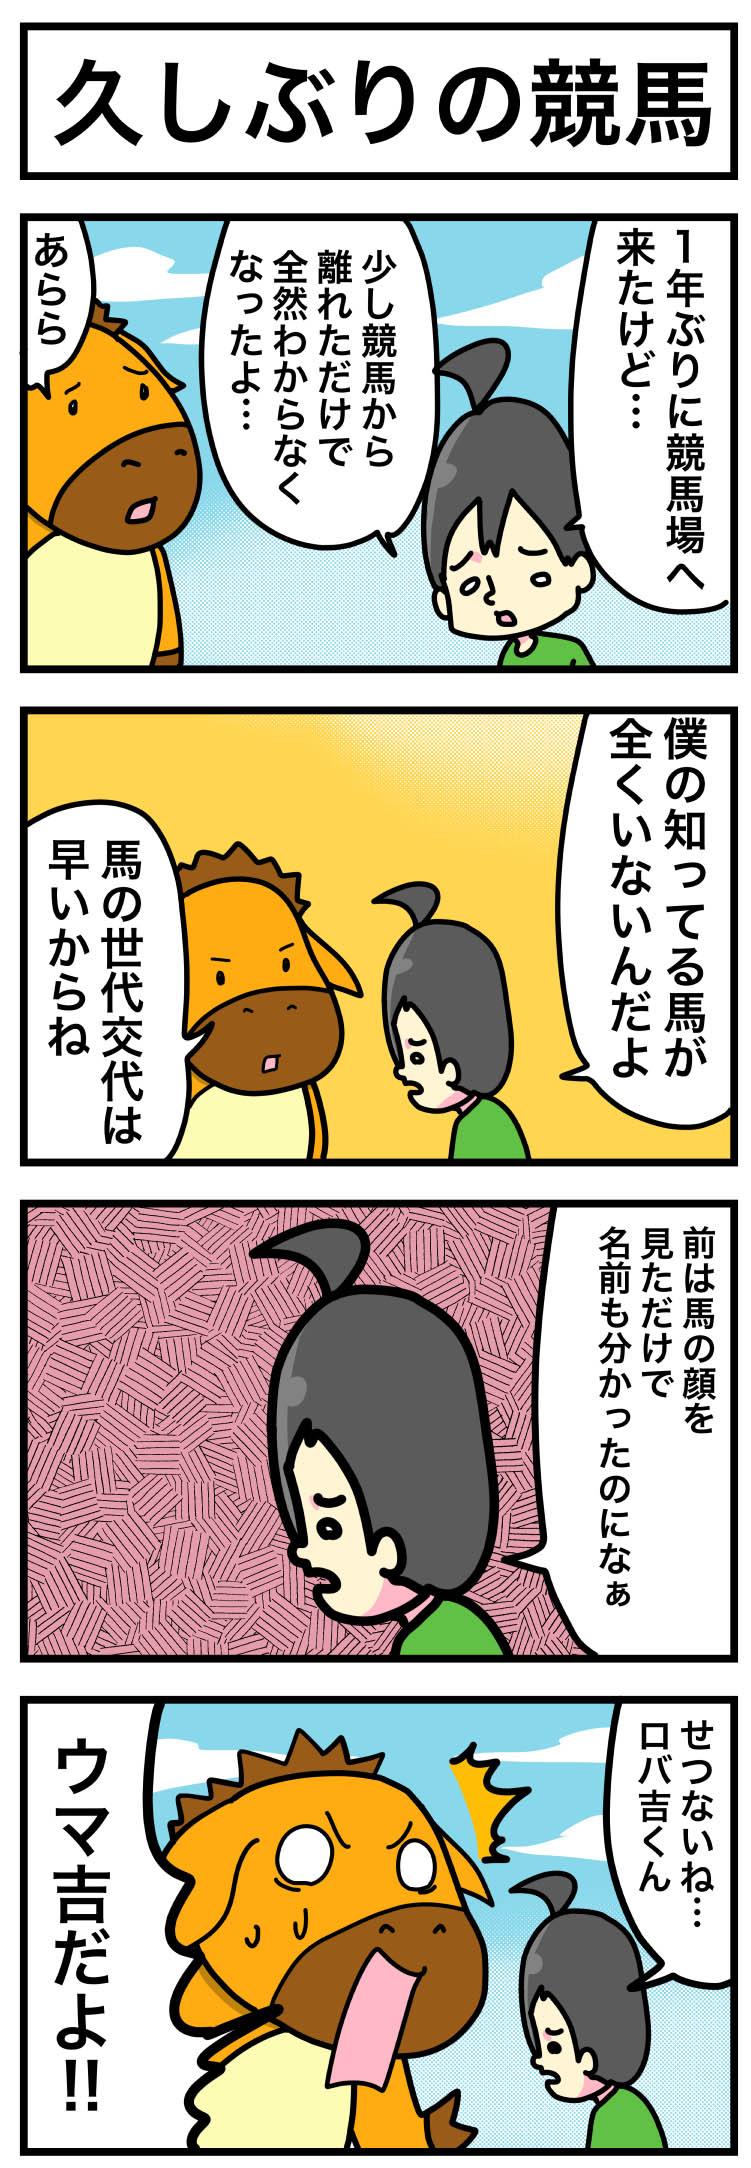 久しぶりの競馬「うま吉の鉄板穴馬マンガ」